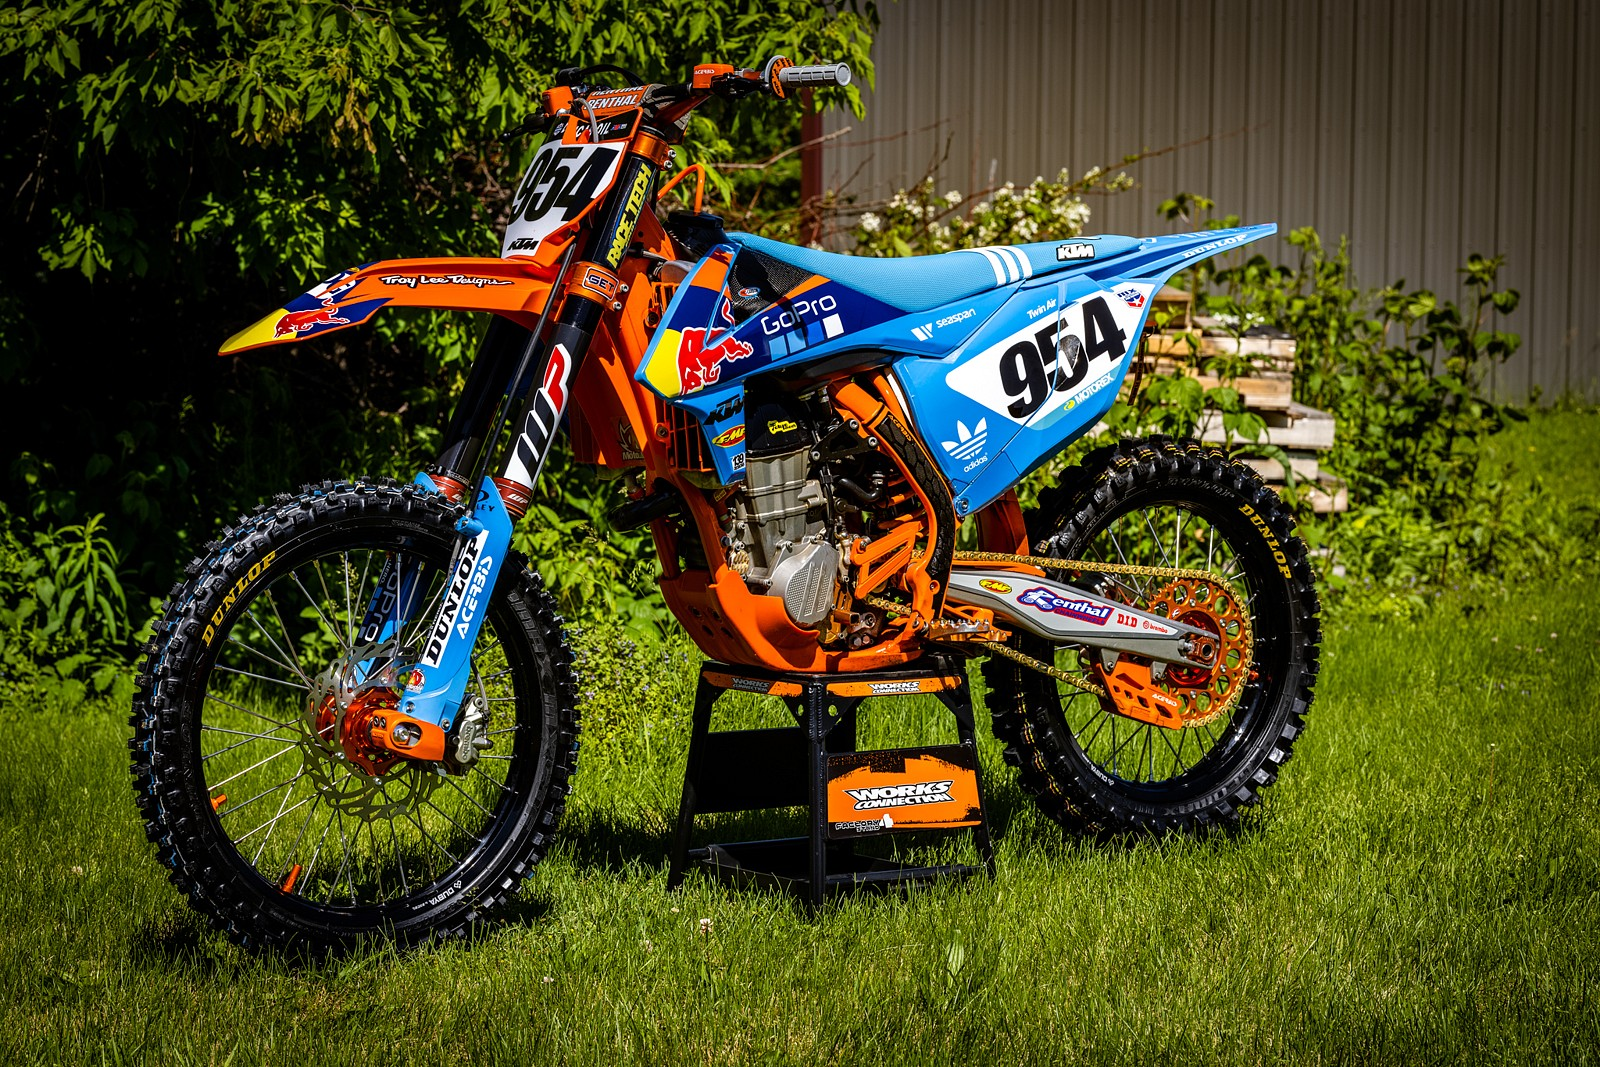 ktm 3 - GForce MMG - Motocross Pictures - Vital MX